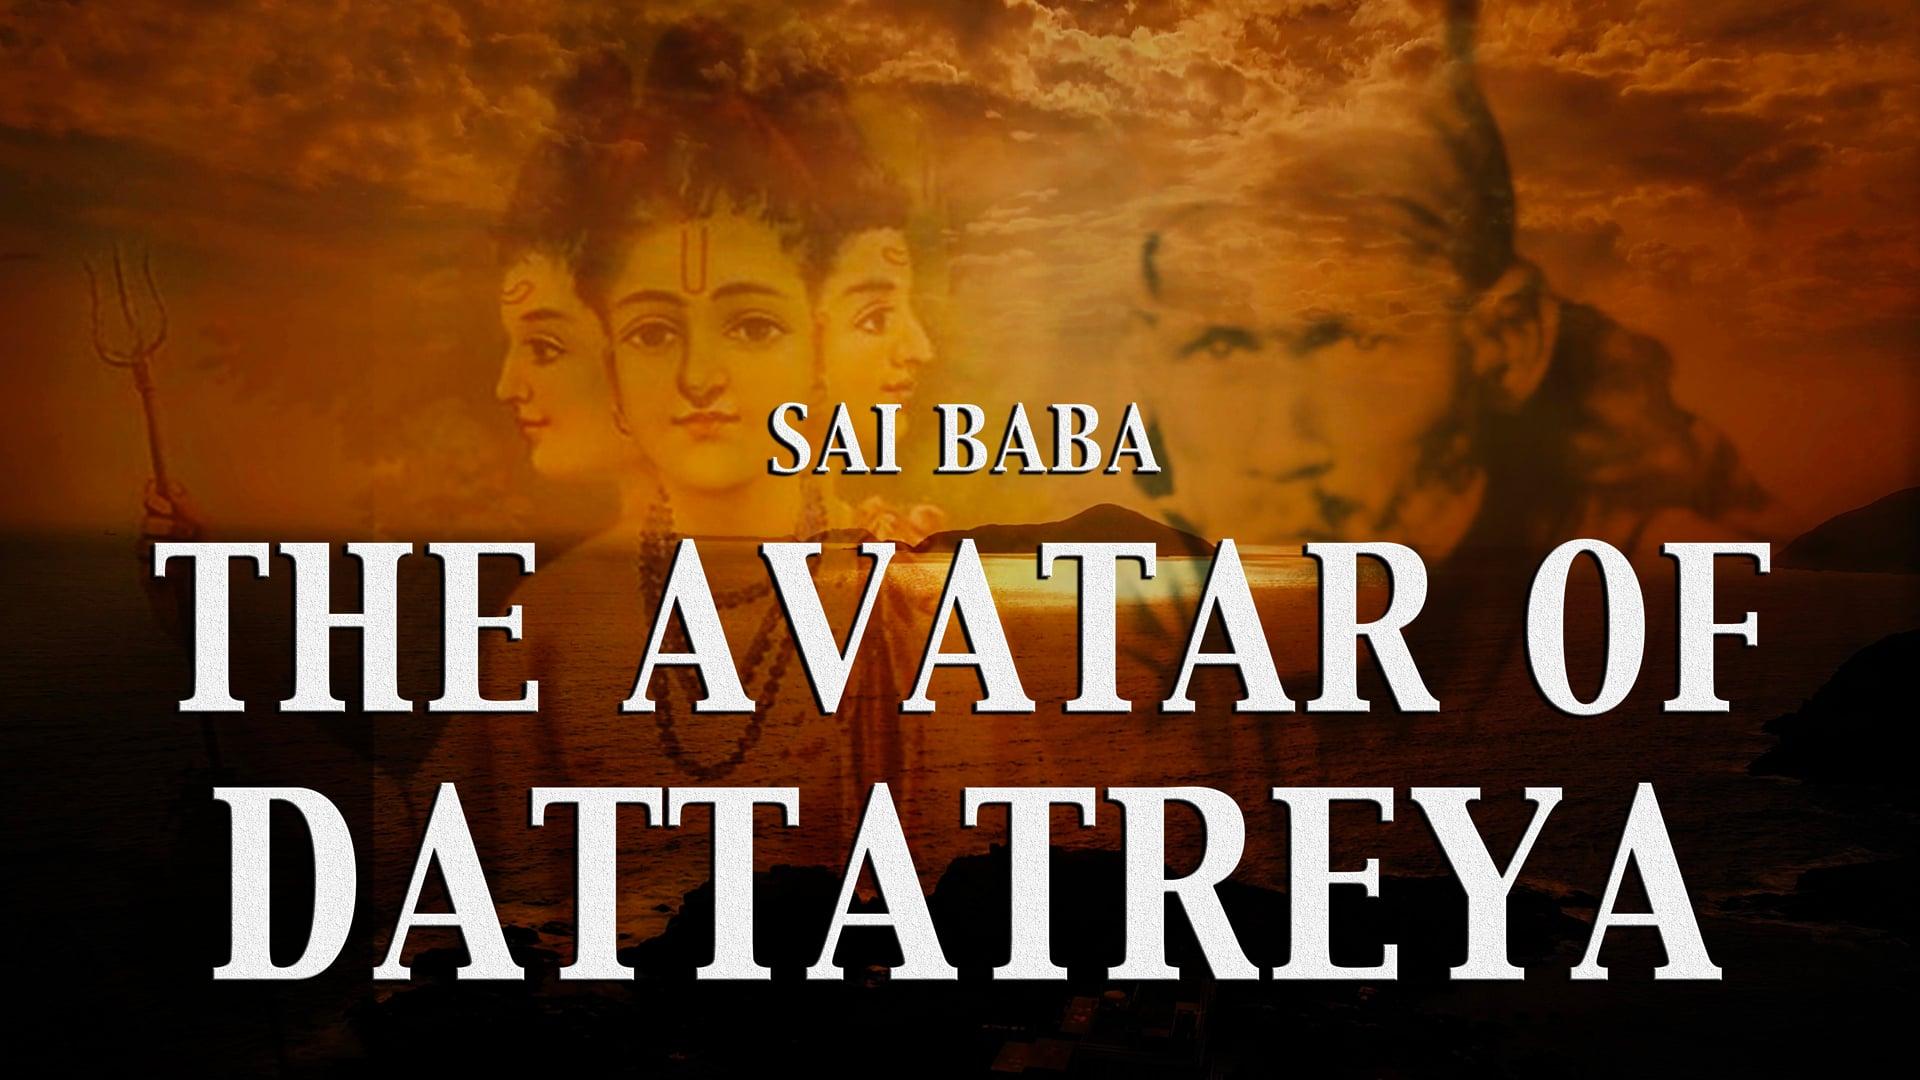 Sai Baba - The Avatar of Lord Dattatreya